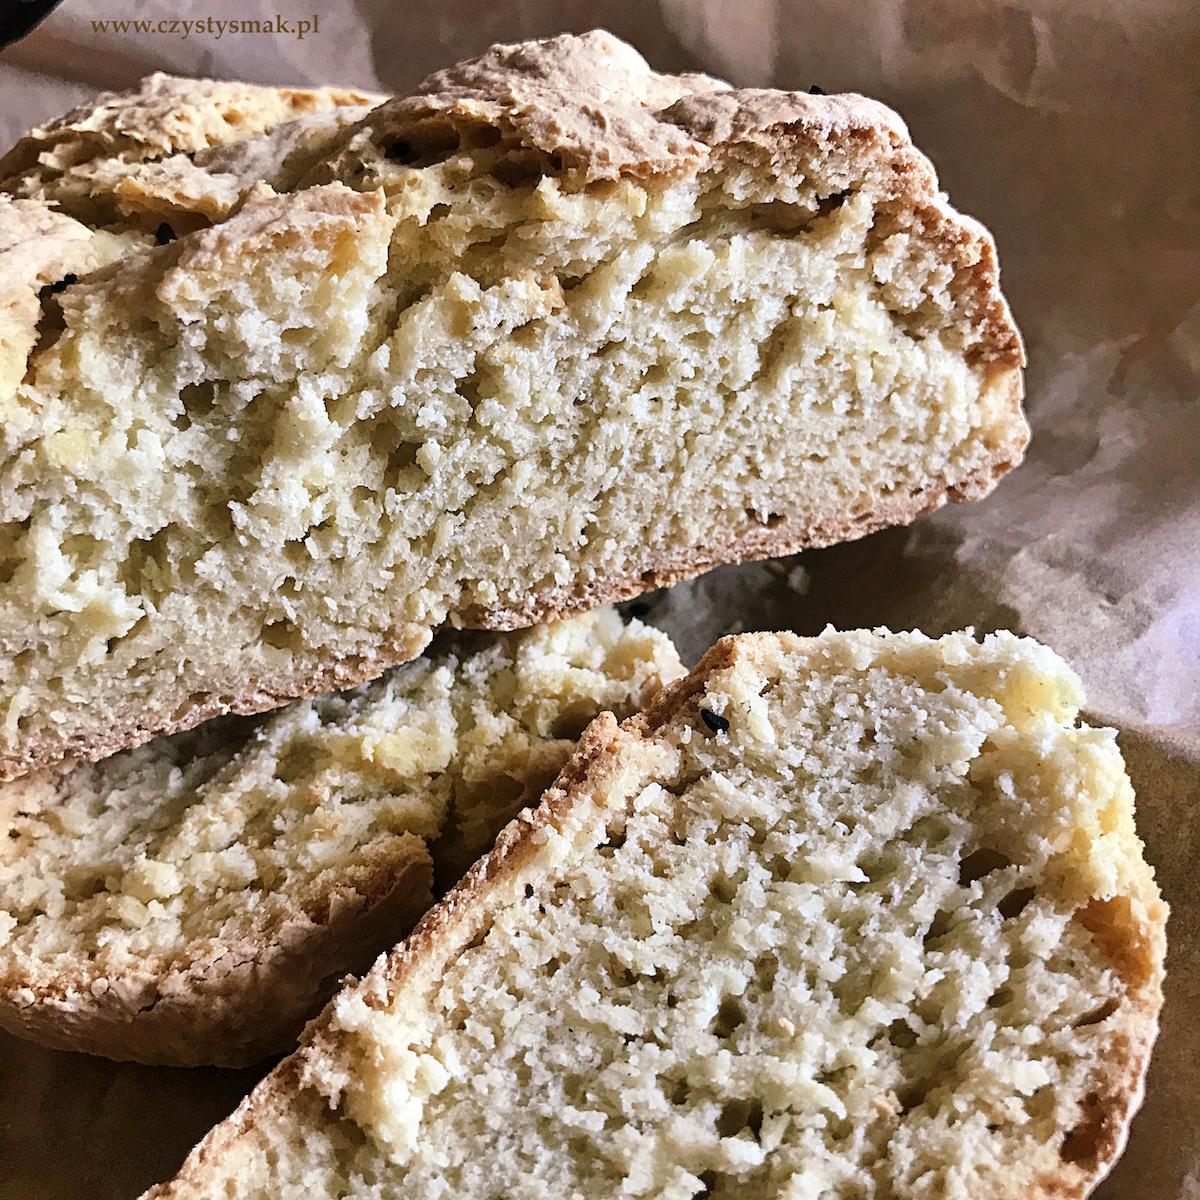 Szybki, pszenny chleb bez drożdży i zakwasu